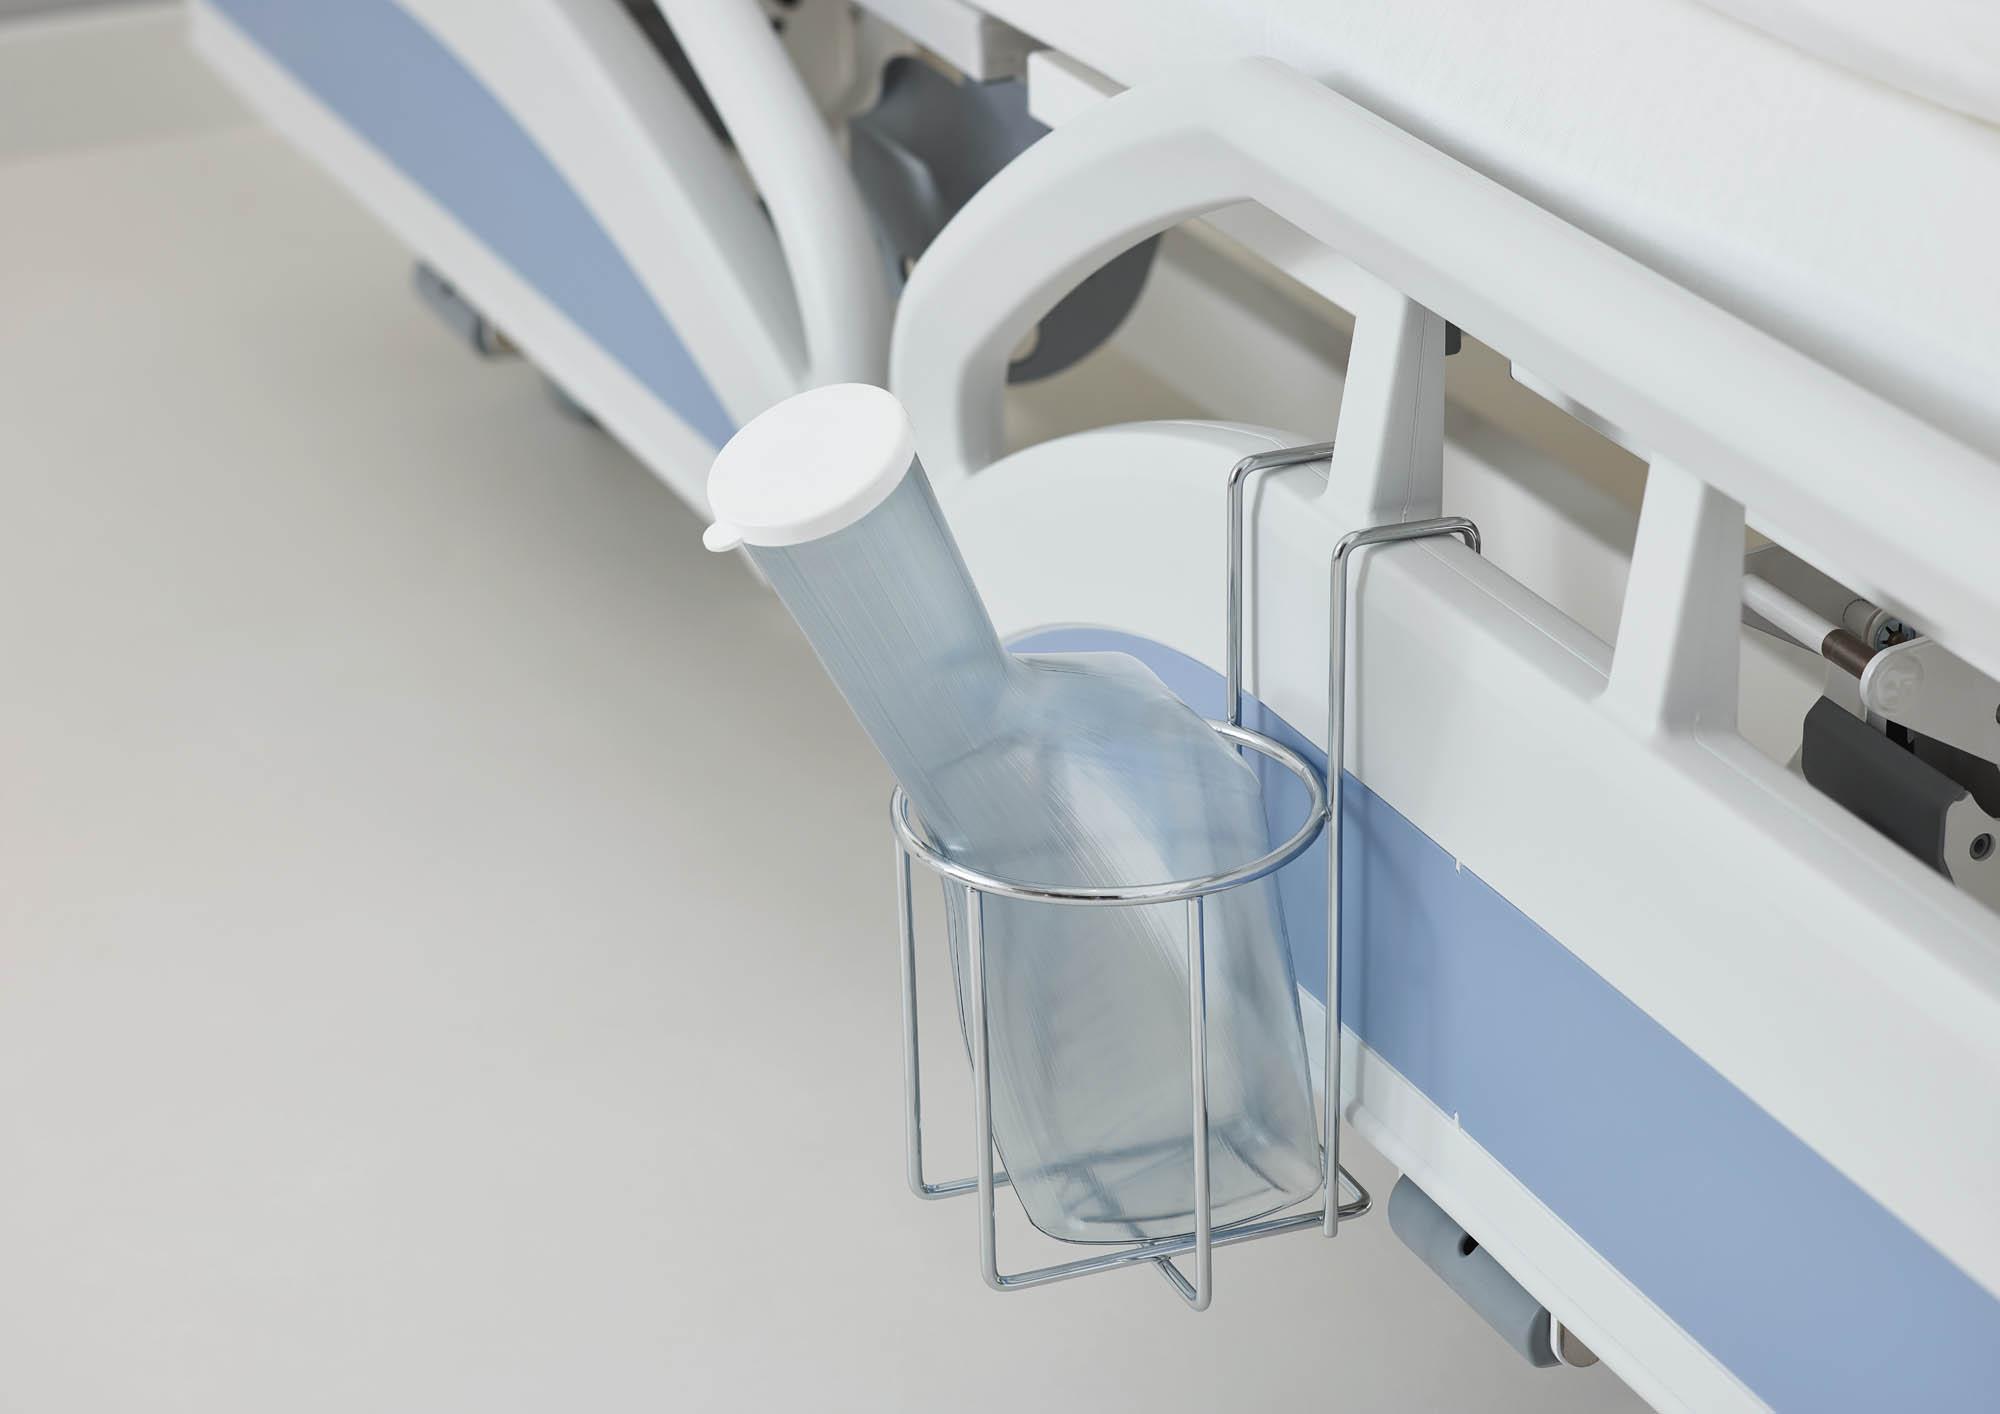 Der praktische Urinflaschenkorb ist für verschiedene Bettenausstattungen lieferbar – hier für die Protega-Seitensicherung des Evario.